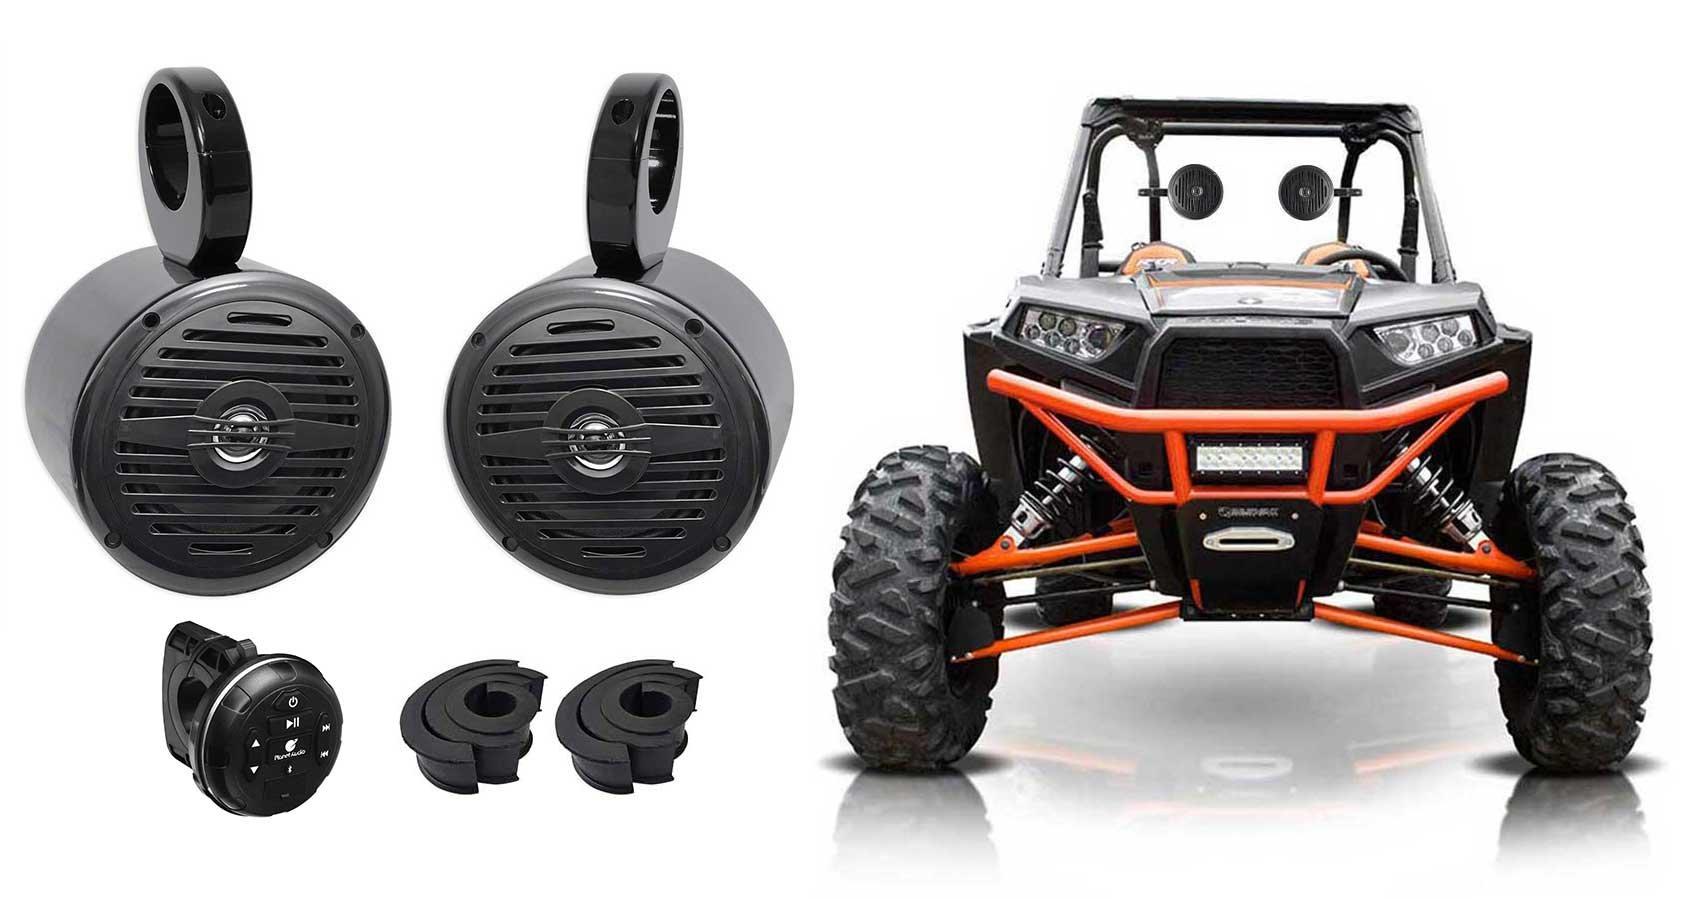 Pair Rockville MS525B 5.25'' 400w Tower Speakers+Controller 4 Polaris RZR/ATV/UTV